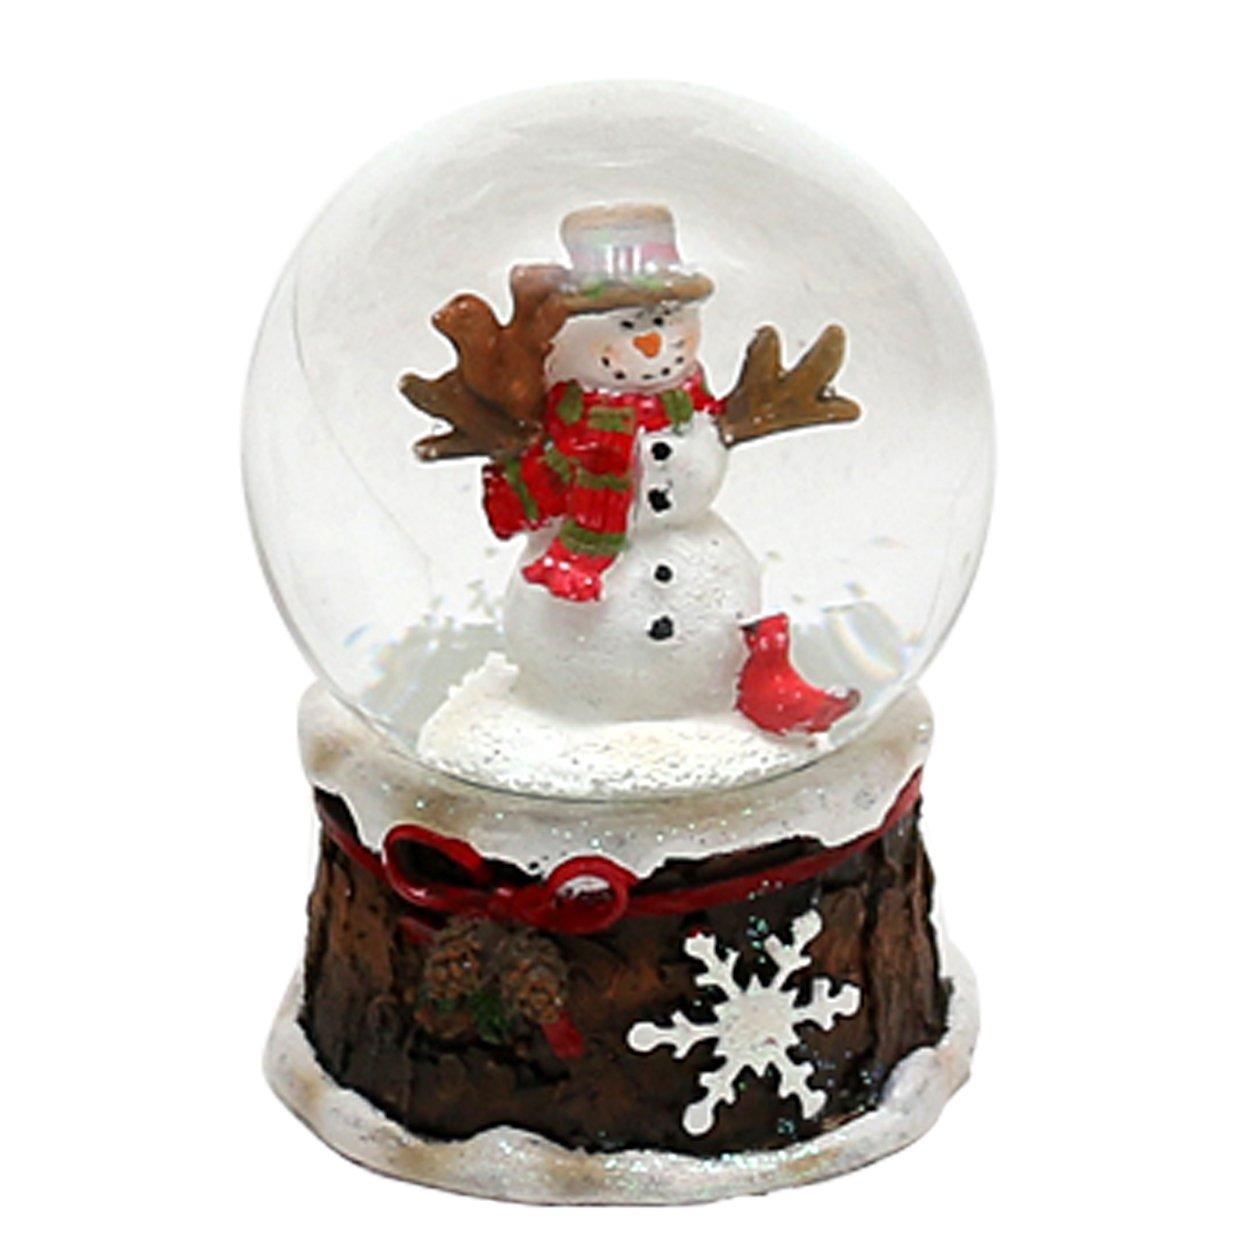 circa 6,5 x 4,5 cm///Ø 4,5 cm Bellisima palla di vetro con neve Pupazzo di neve con sciarpa rossa Disegno